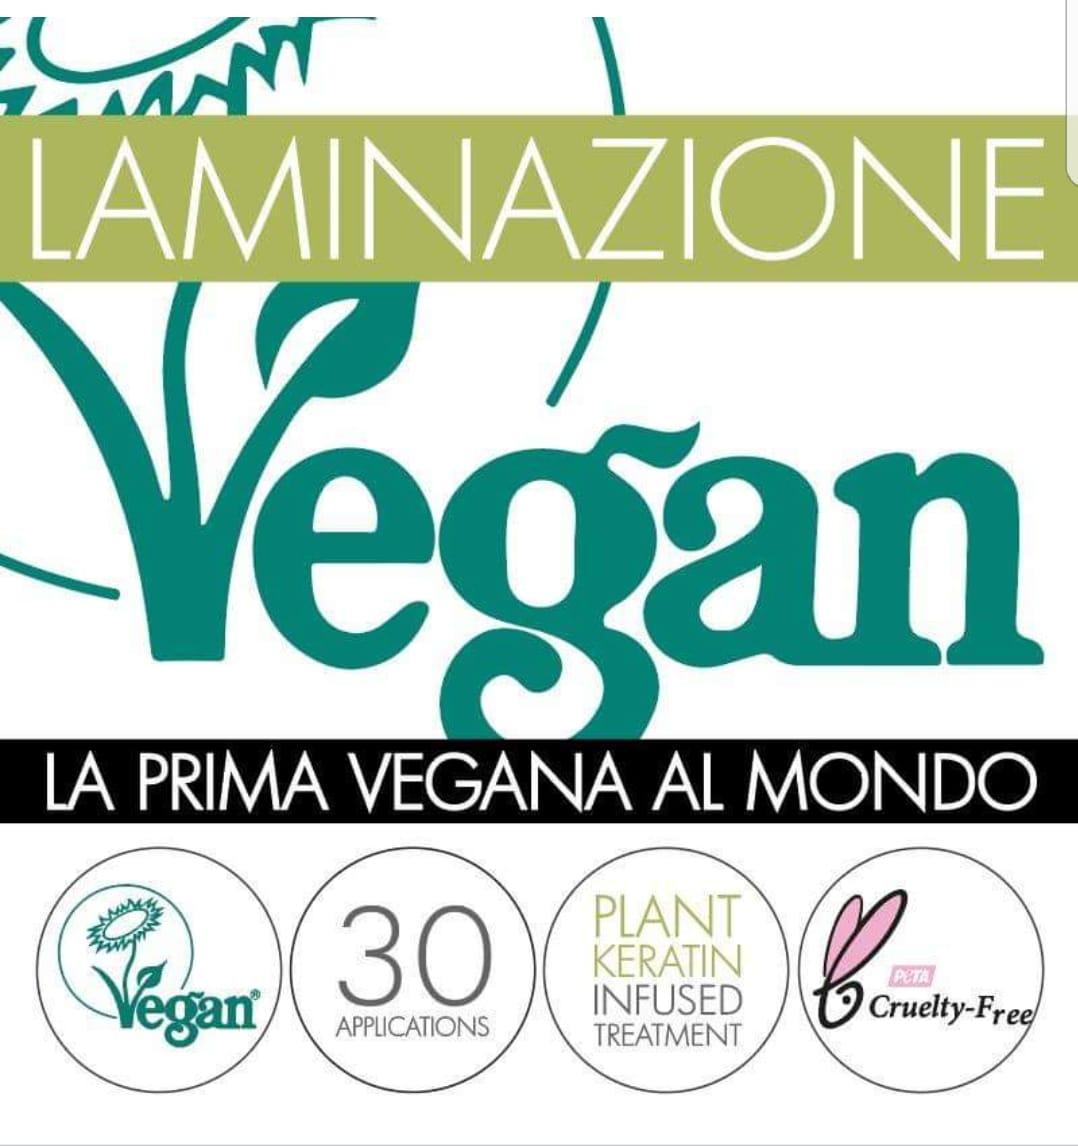 laminazione vegan